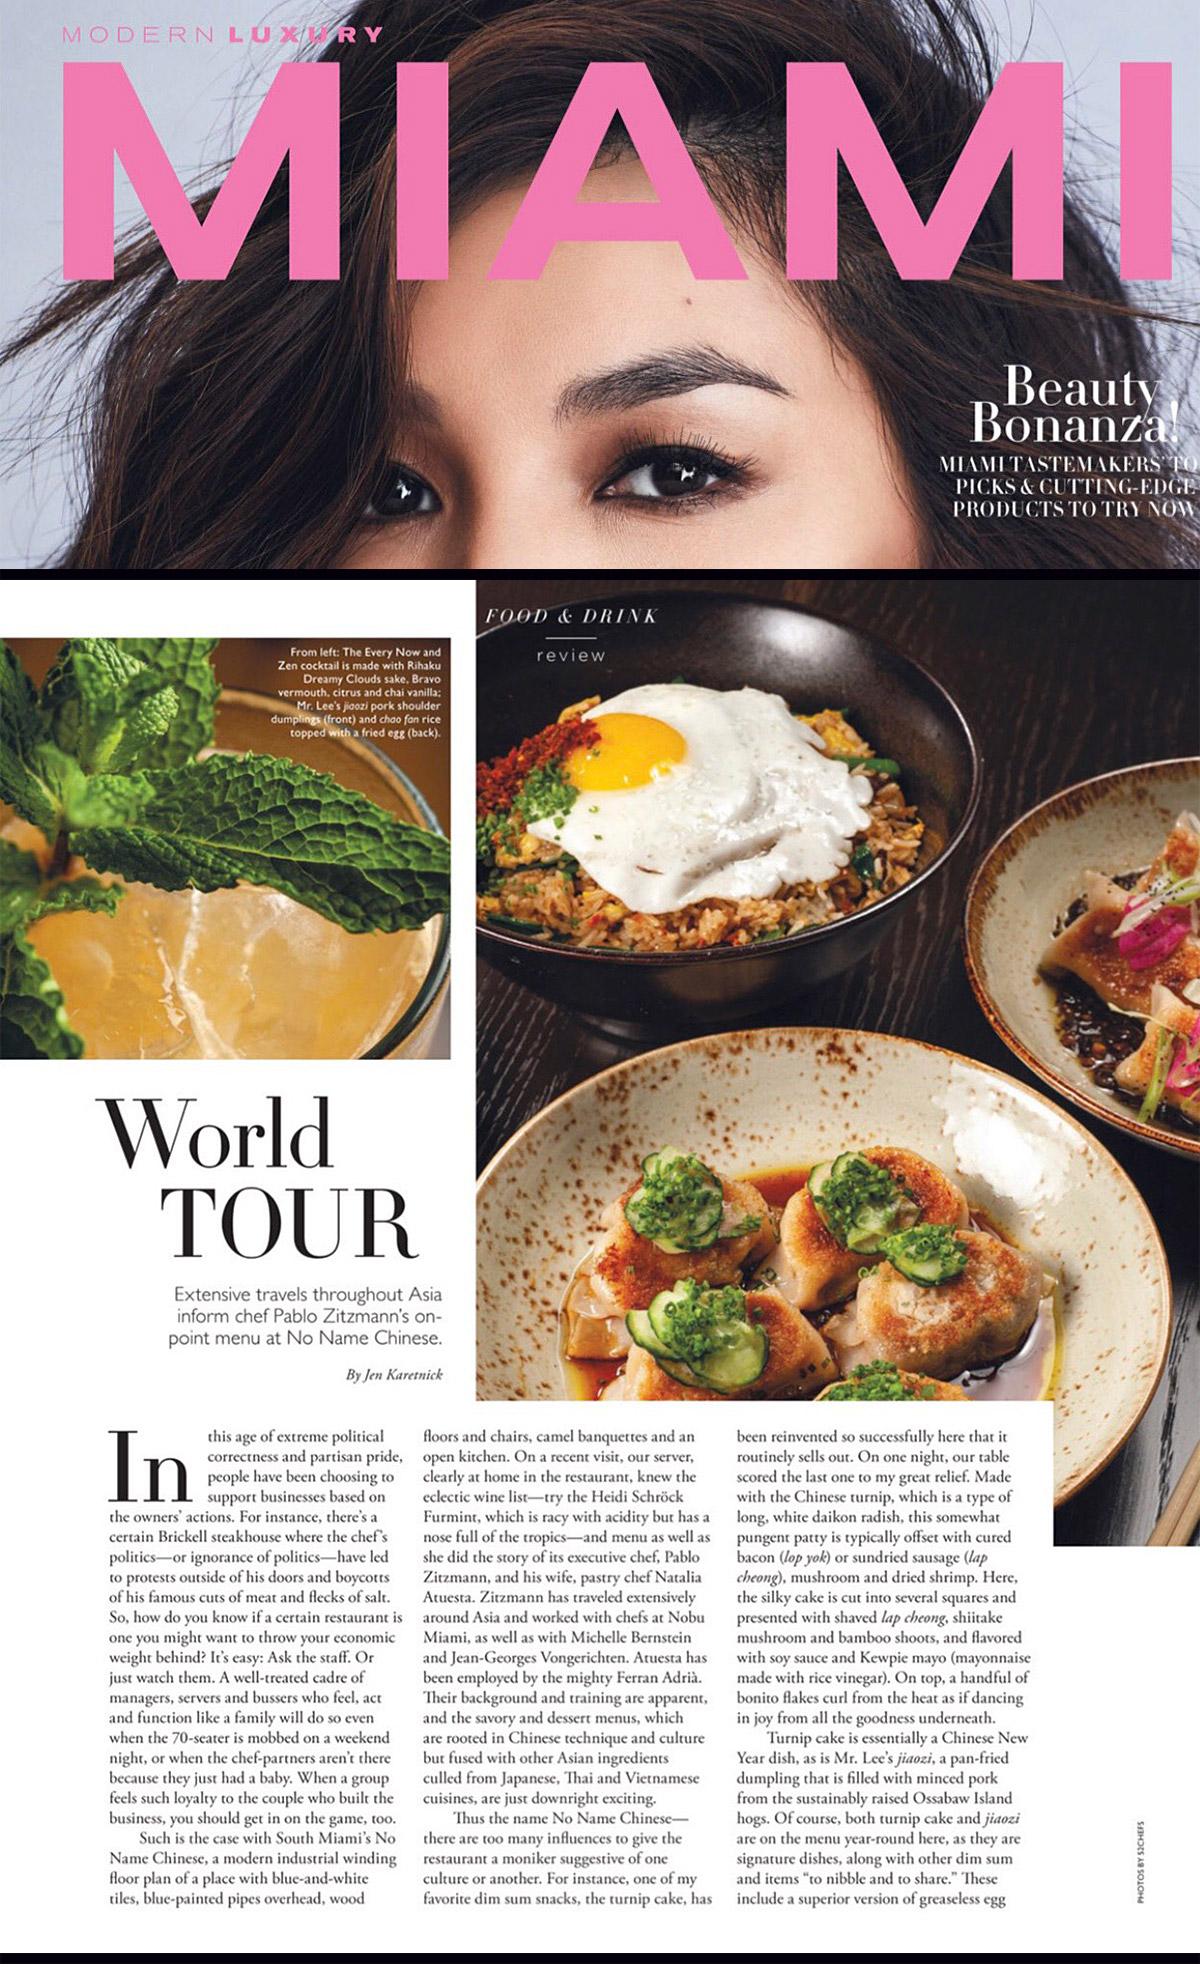 miami-magazine-no-name-chinese-1.jpg